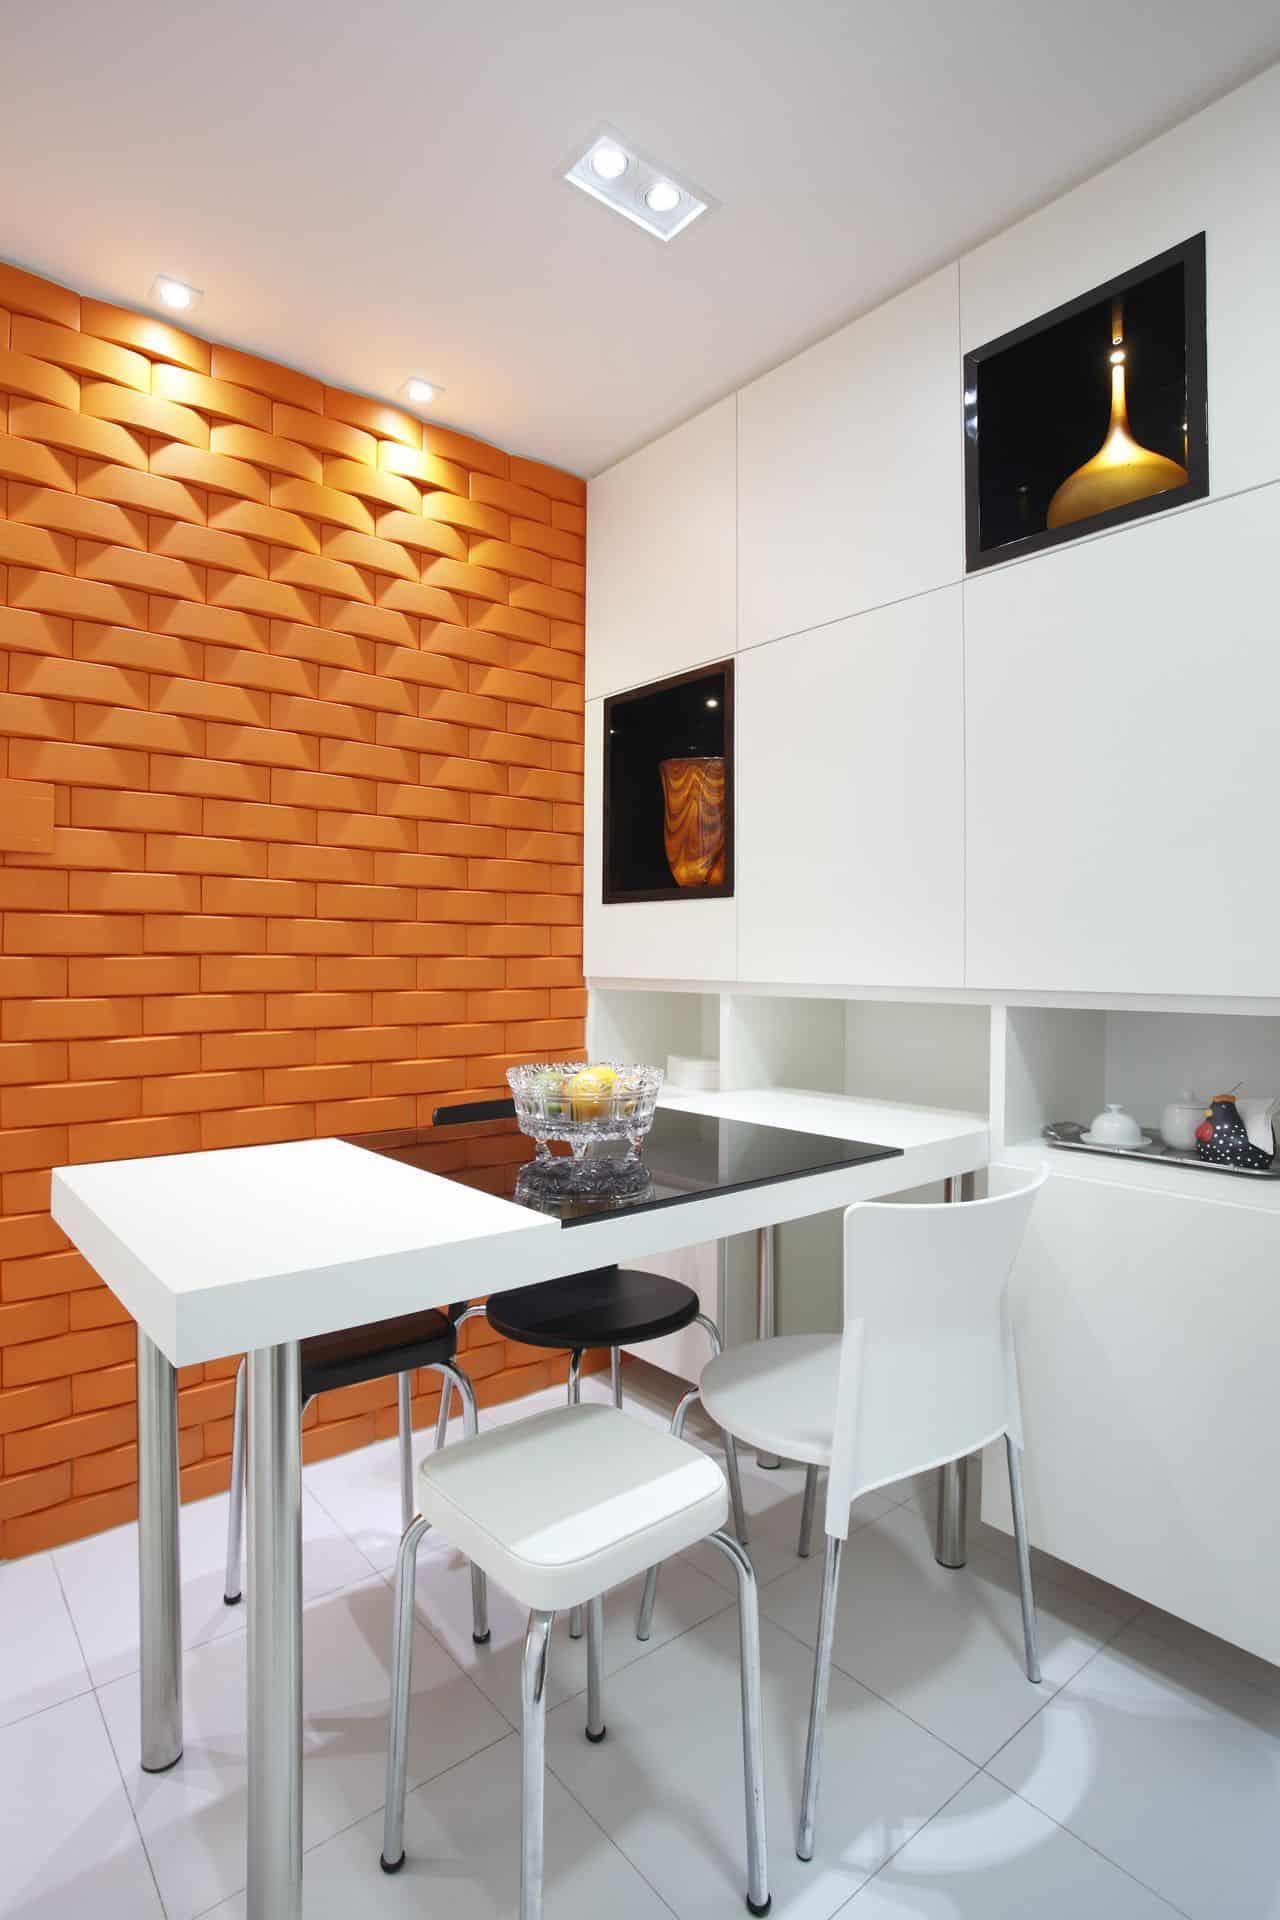 Revestimento 3d laranja na cozinha branca